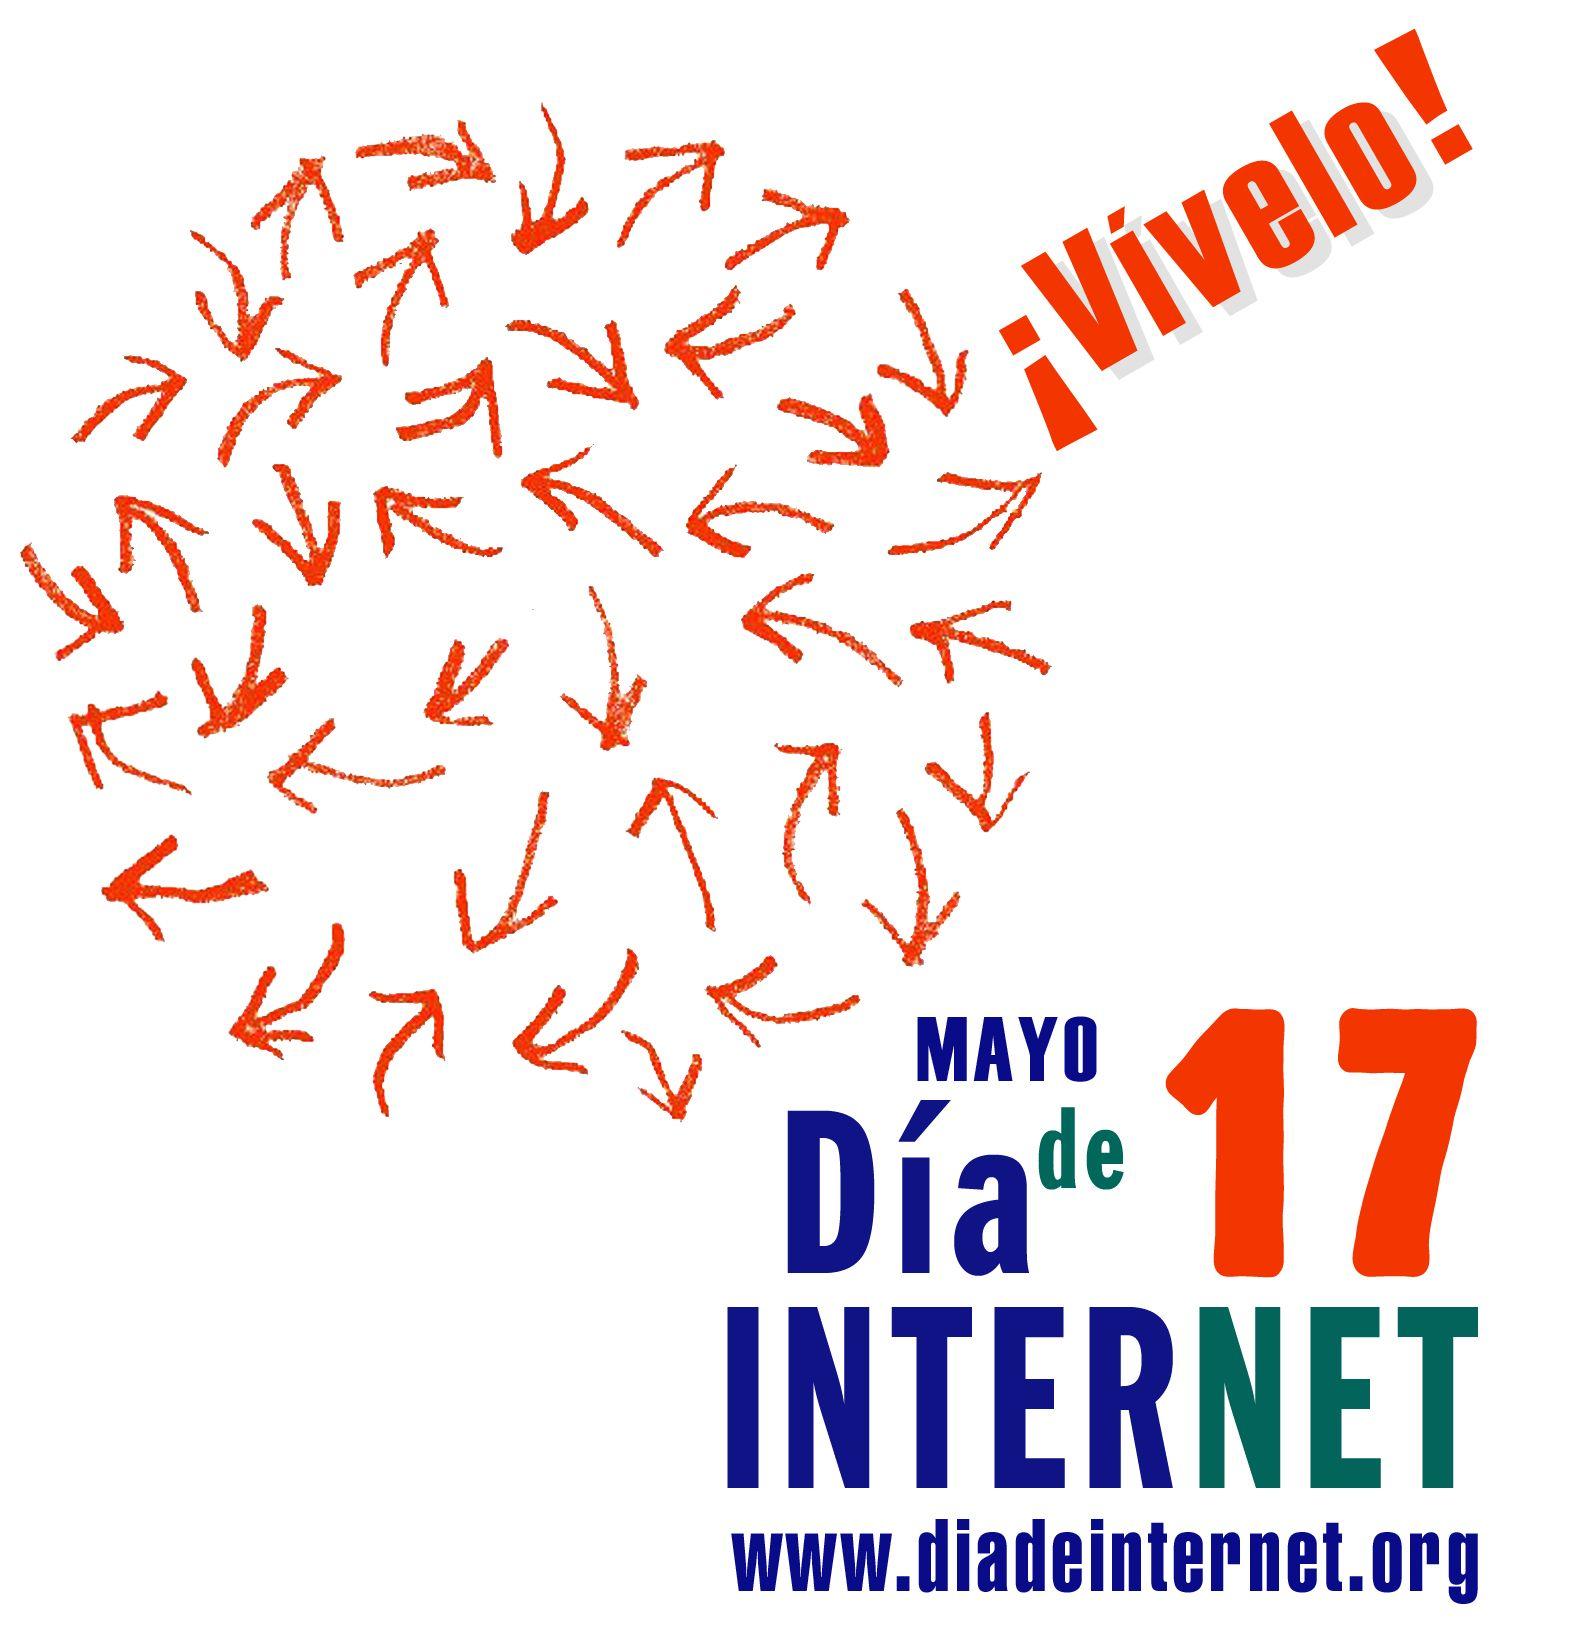 Semana internet. Mejores descuentos